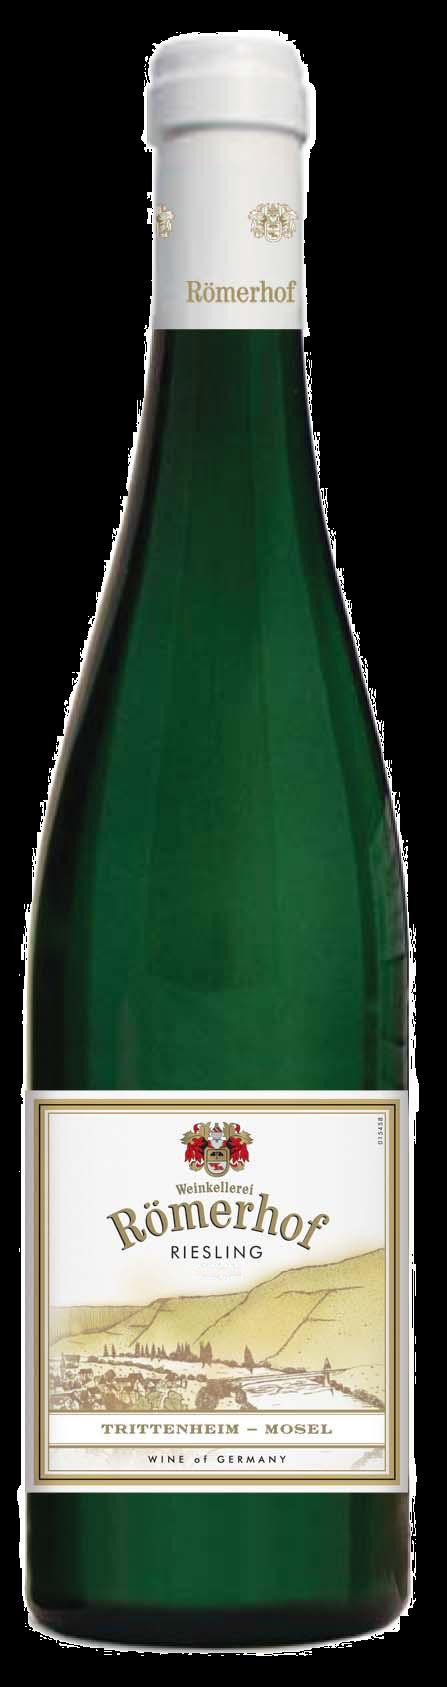 Romerhof_Kab18_bottle